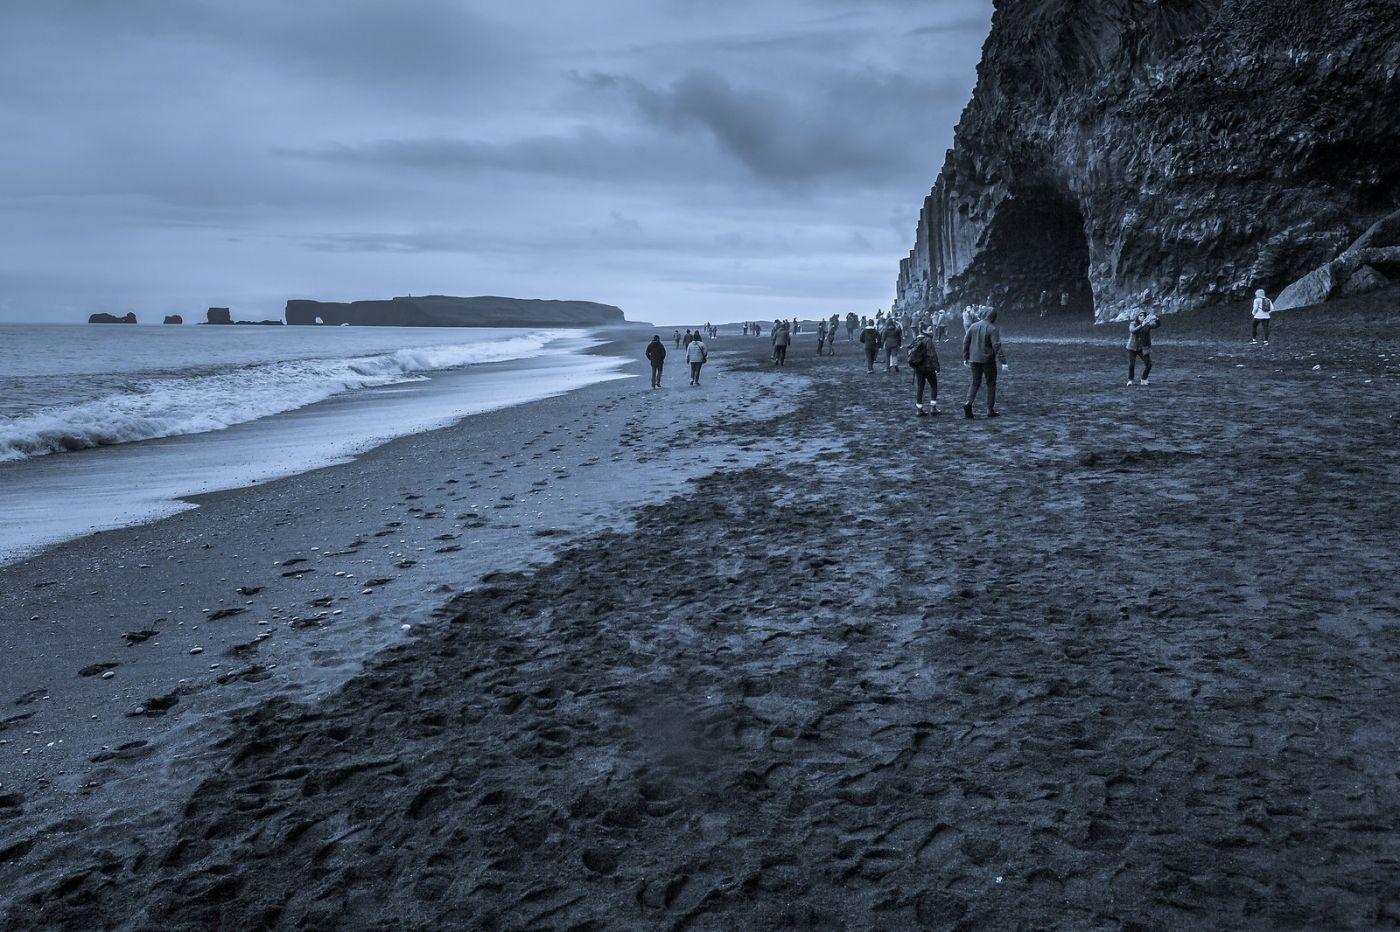 冰岛雷尼斯法加拉黑沙滩(Reynisfjara Black Sand Beach)_图1-13